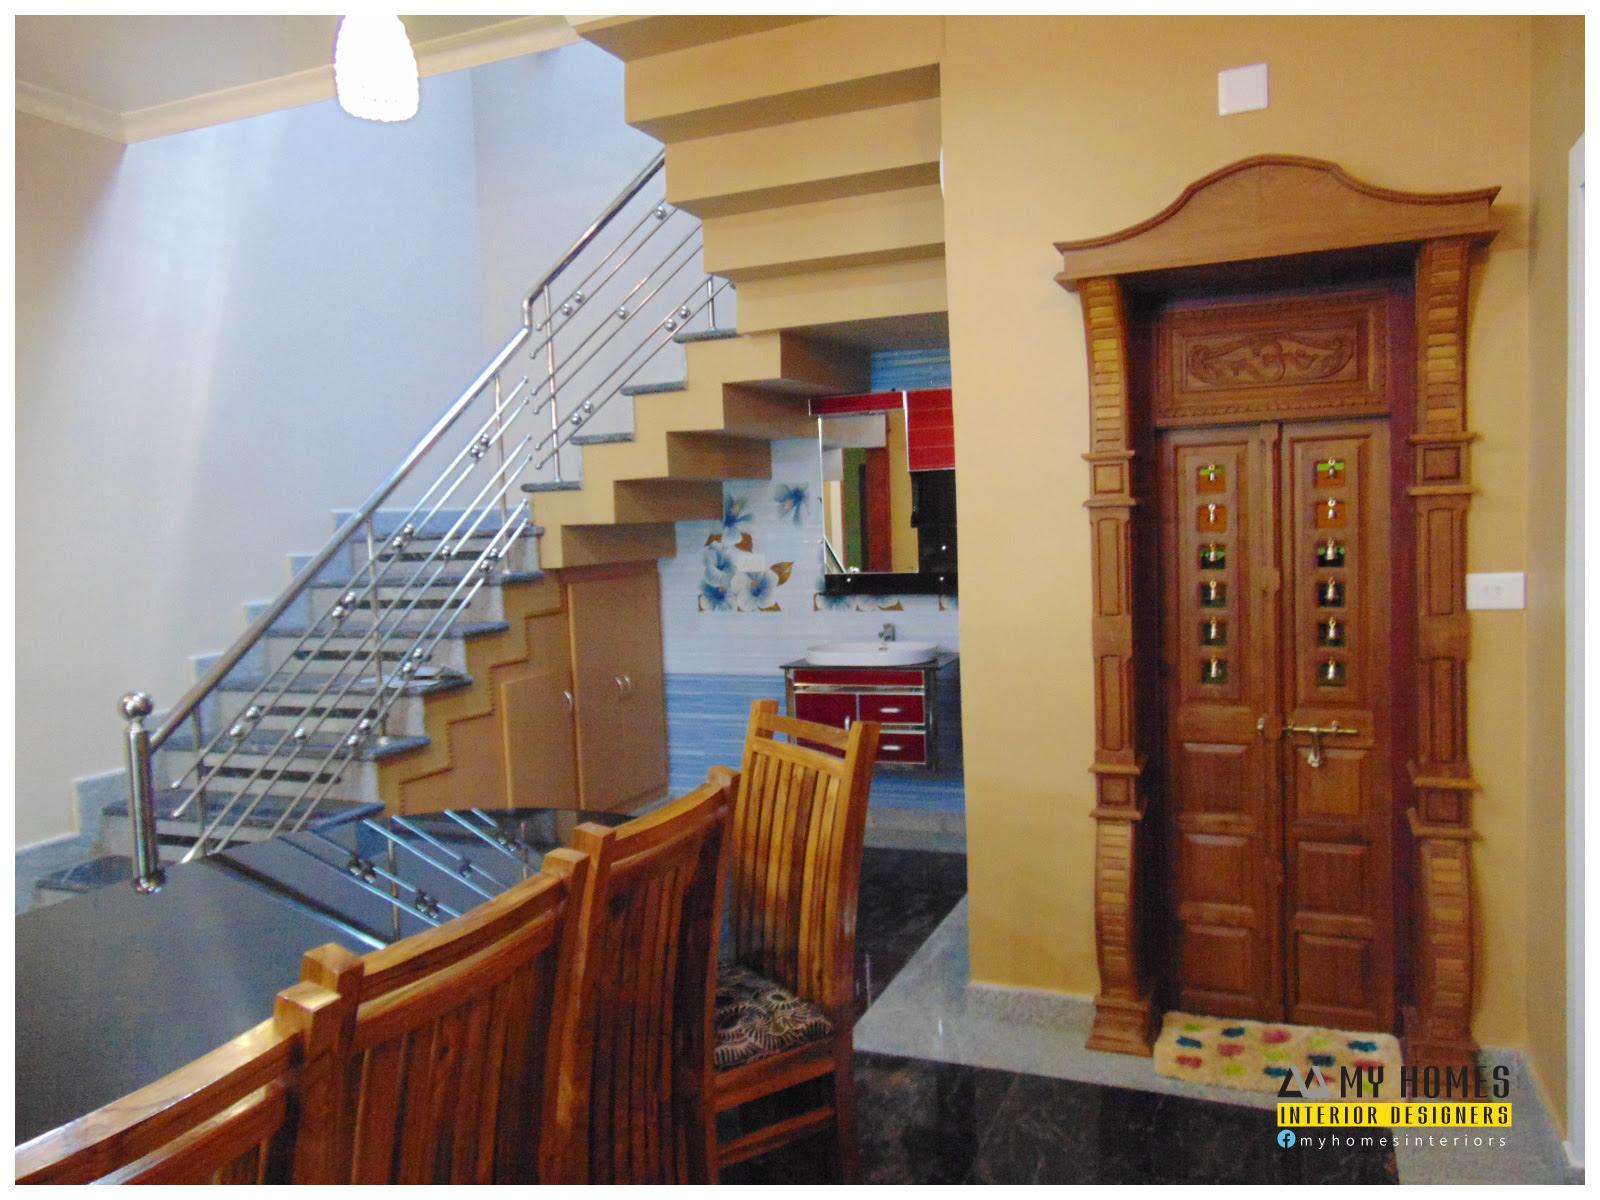 pooja room door designs kerala  | 294 x 400